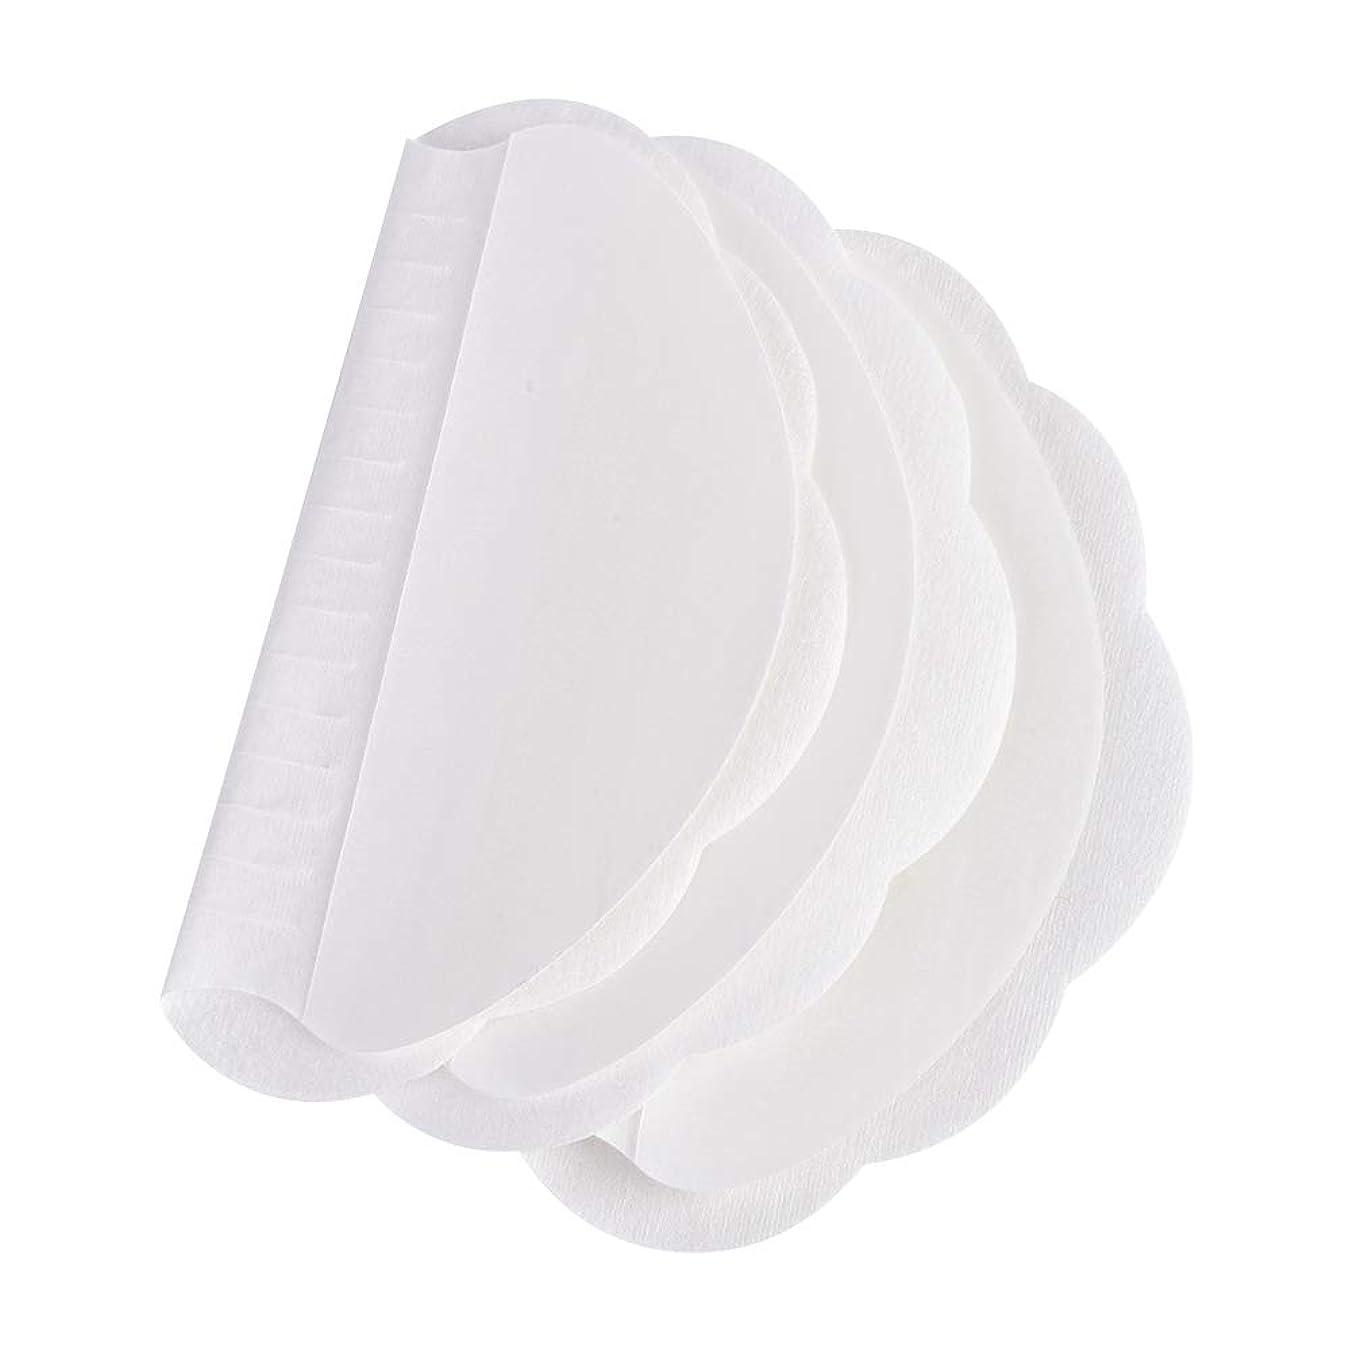 ギャラリーずらす振動させる20個入 汗止めパッド わき汗パット さらさら あせジミ防止 抗菌加工 極薄 皮膚に優しい 無香料 メンズ レディース 使い捨て 夏用 汗取りシート …